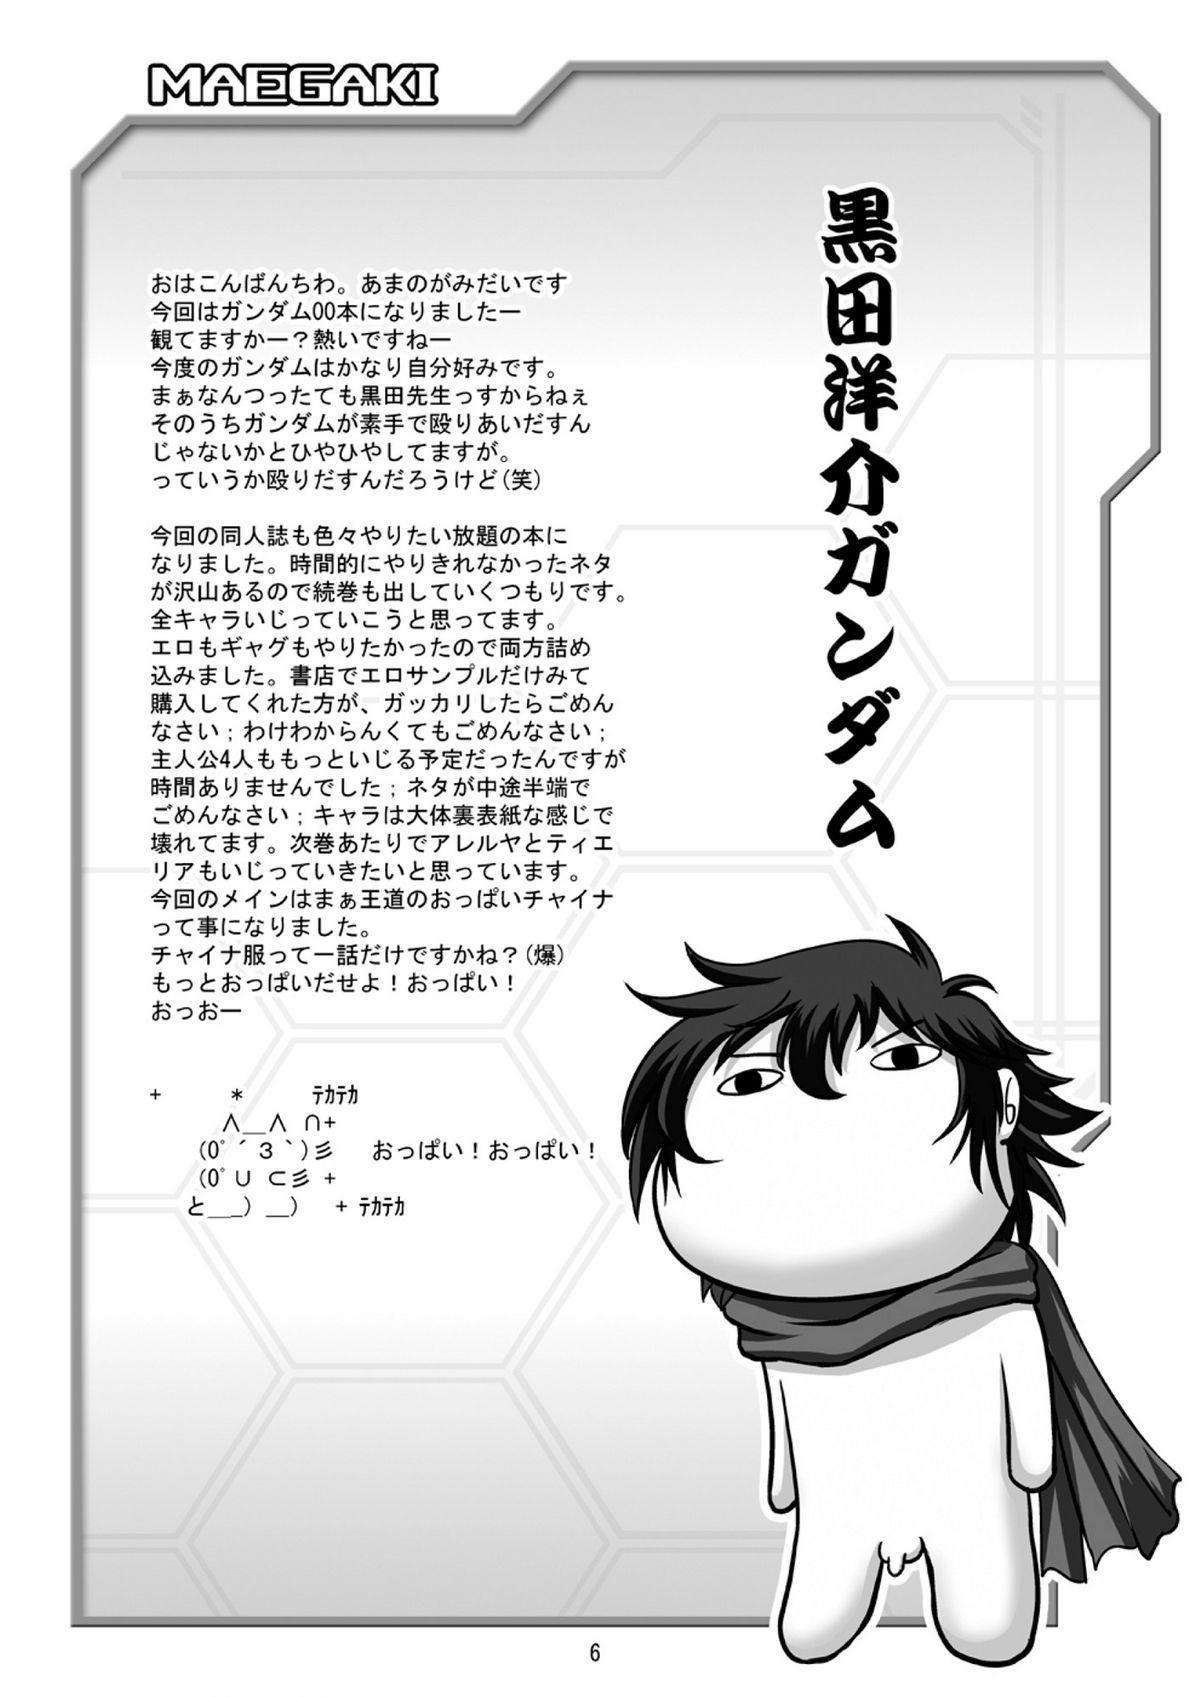 Nyuudou Shinshi Gundam Double Oppai DL han 5